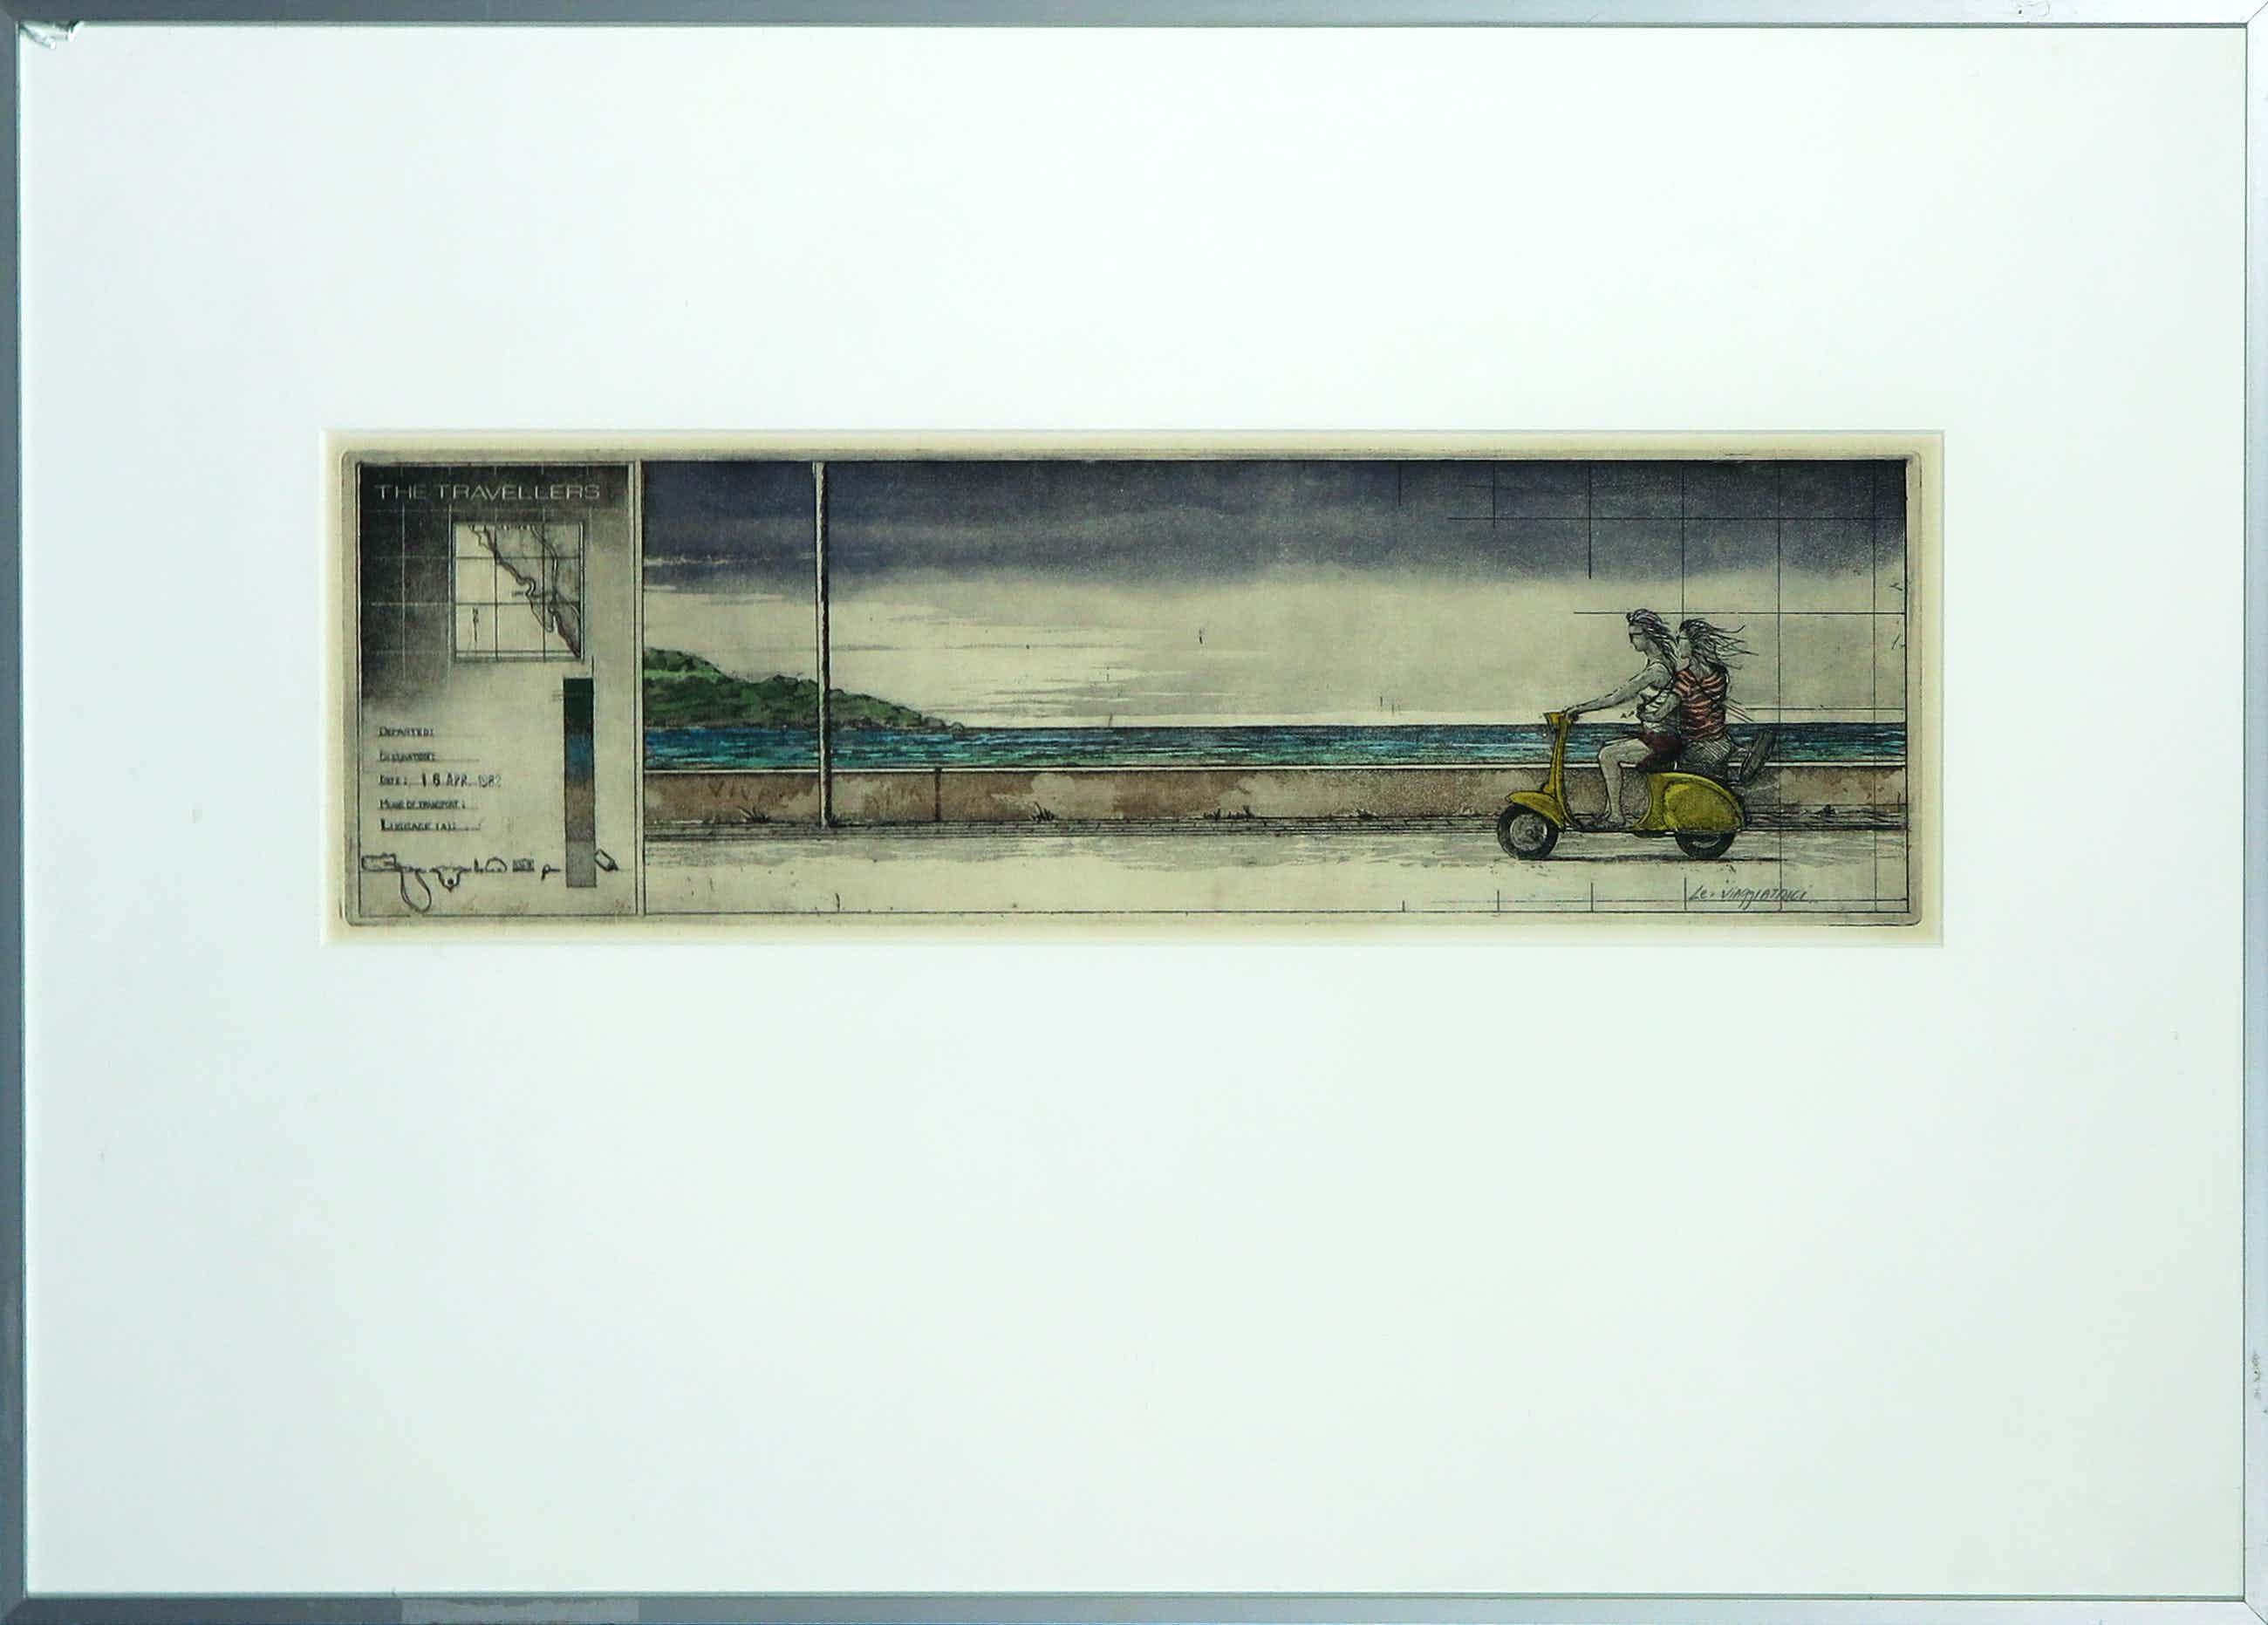 Rolf Weijburg - Kleurenets en aquatint, The Travellers (Le viaggiatrigi) - Ingelijst kopen? Bied vanaf 35!